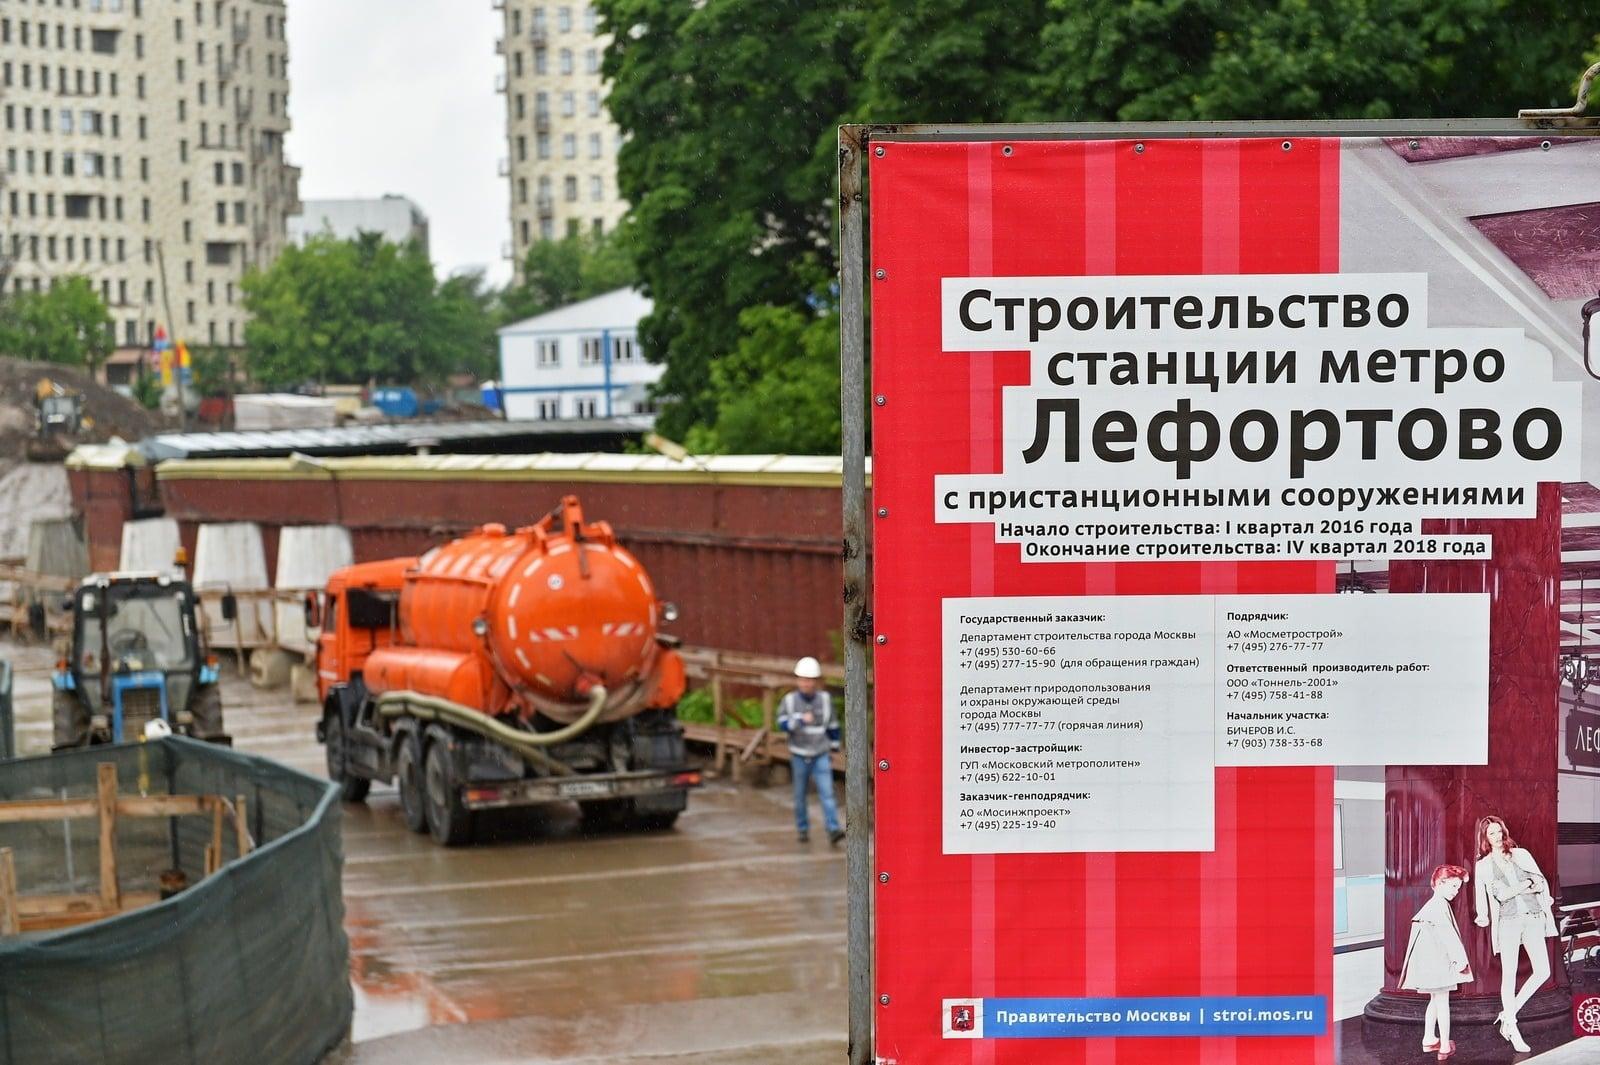 Метро Лефортово: когда откроют станцию, точная дата открытия, последние новости